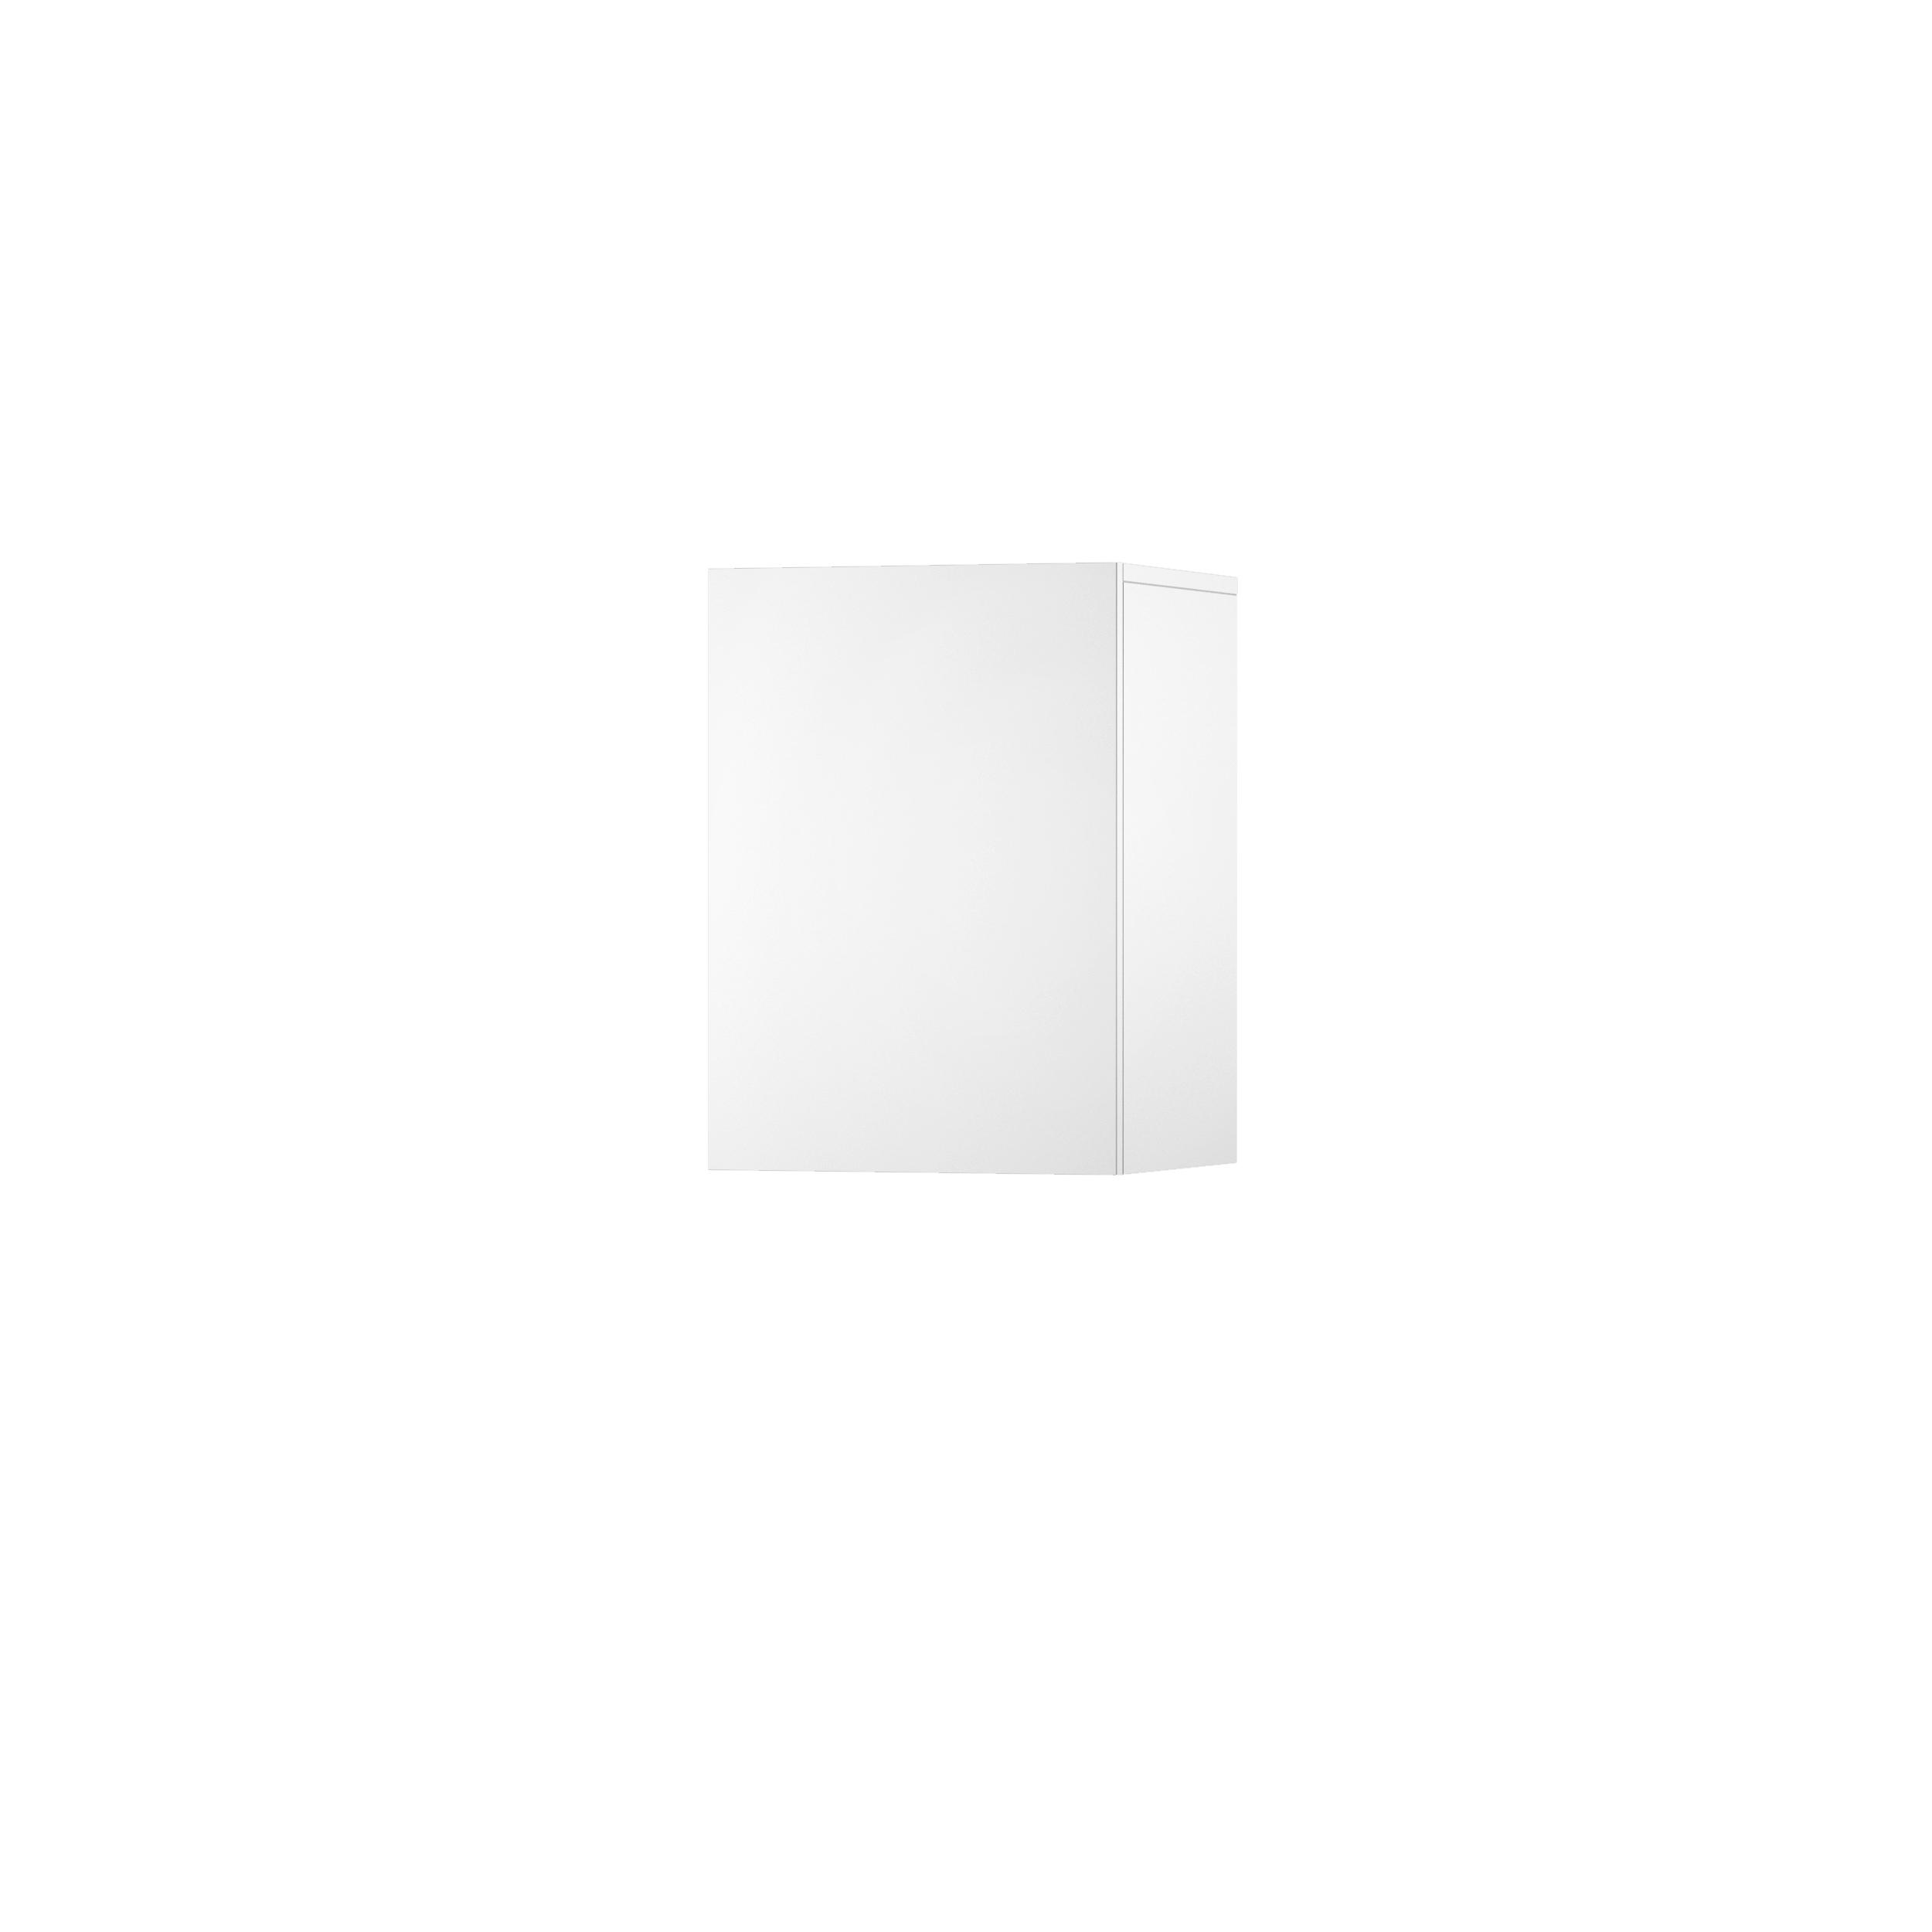 Dulap Modular Nook Narrow White  L42xl37xh58 Cm